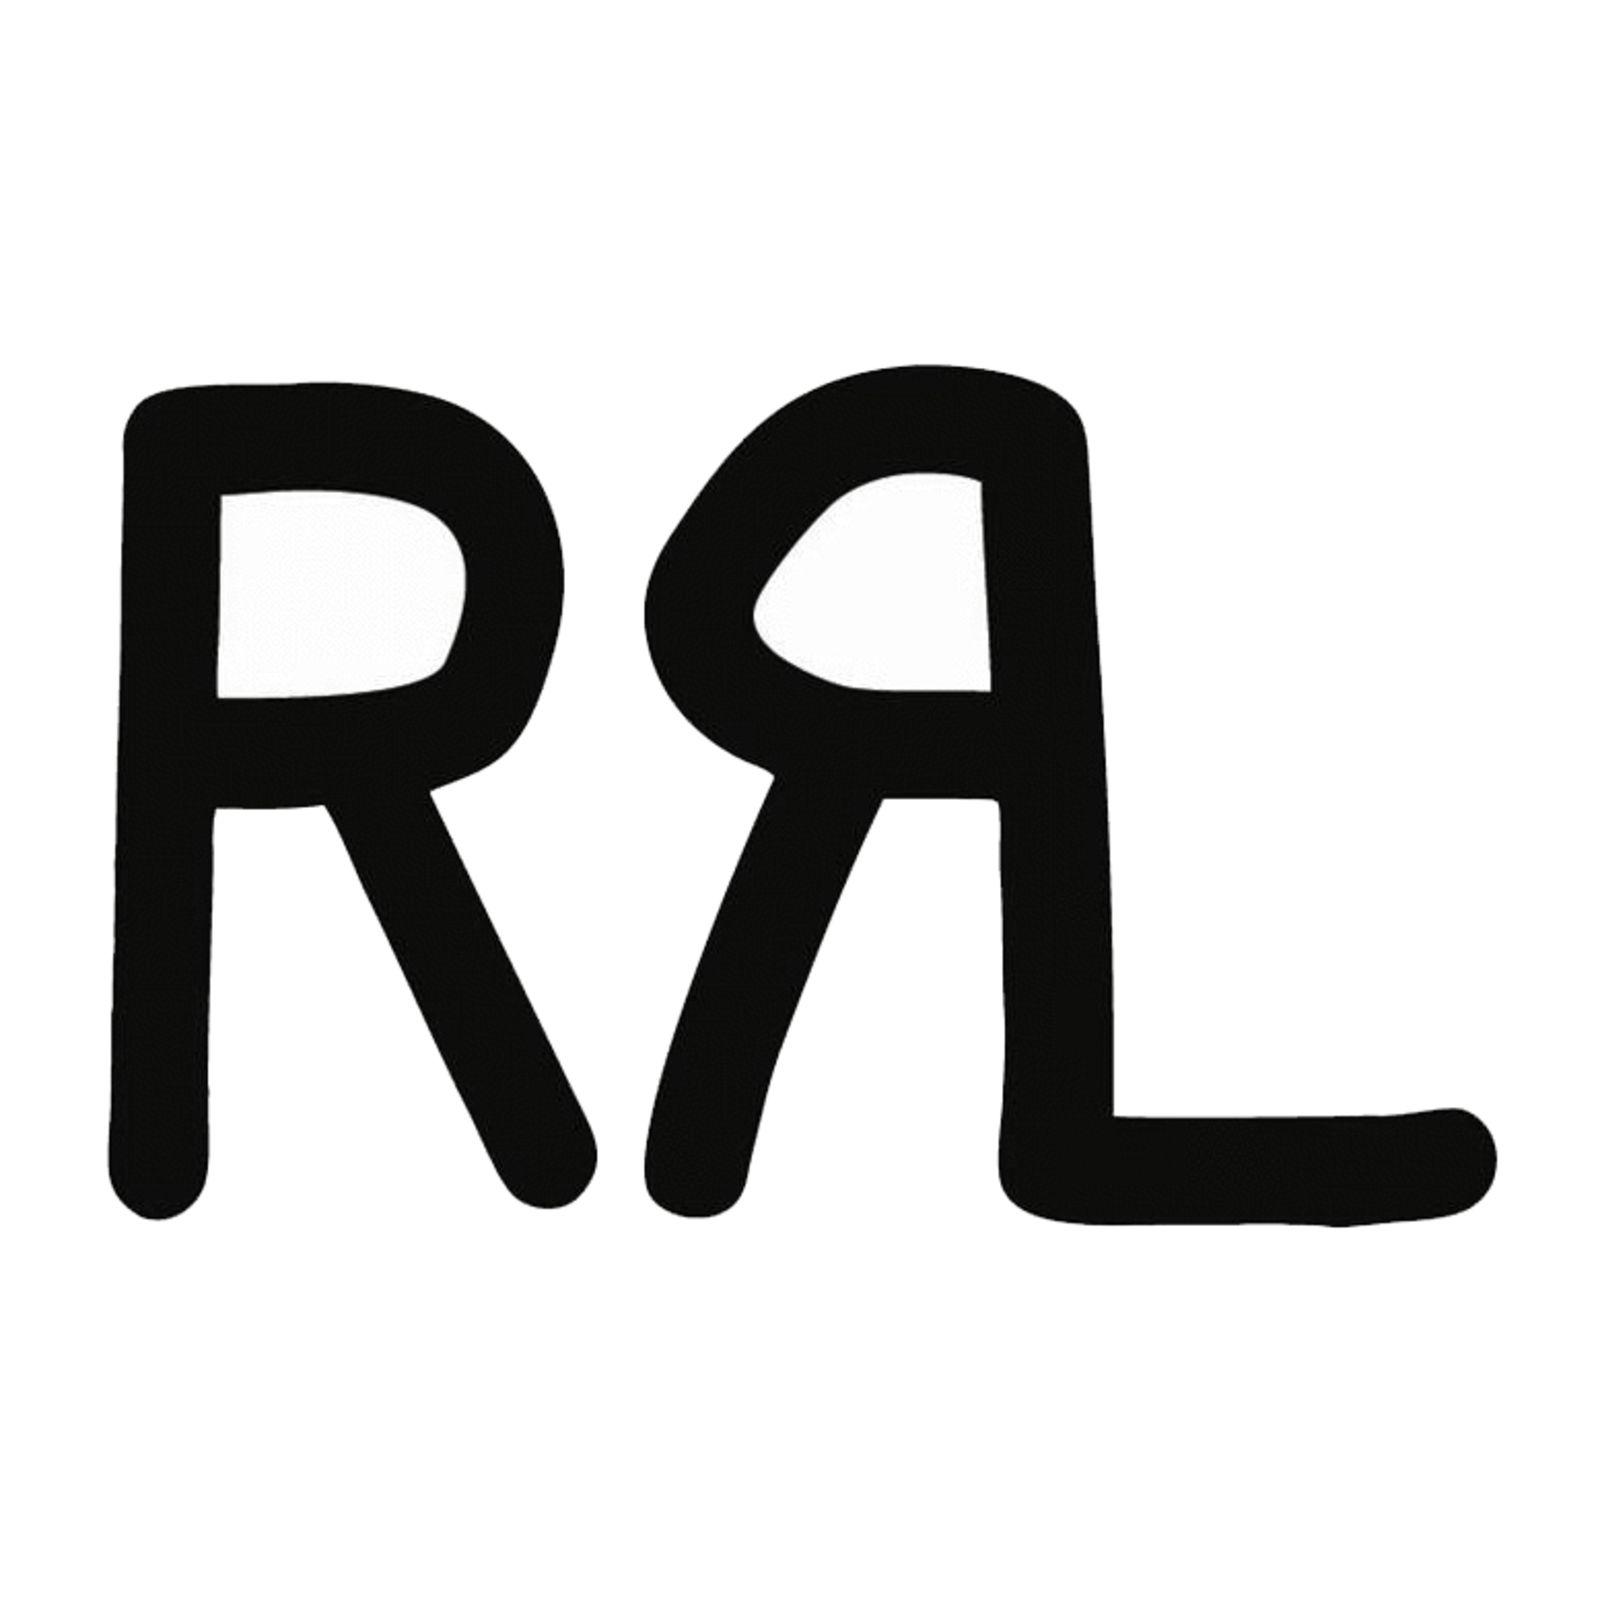 RRL RALPH LAUREN (Image 1)